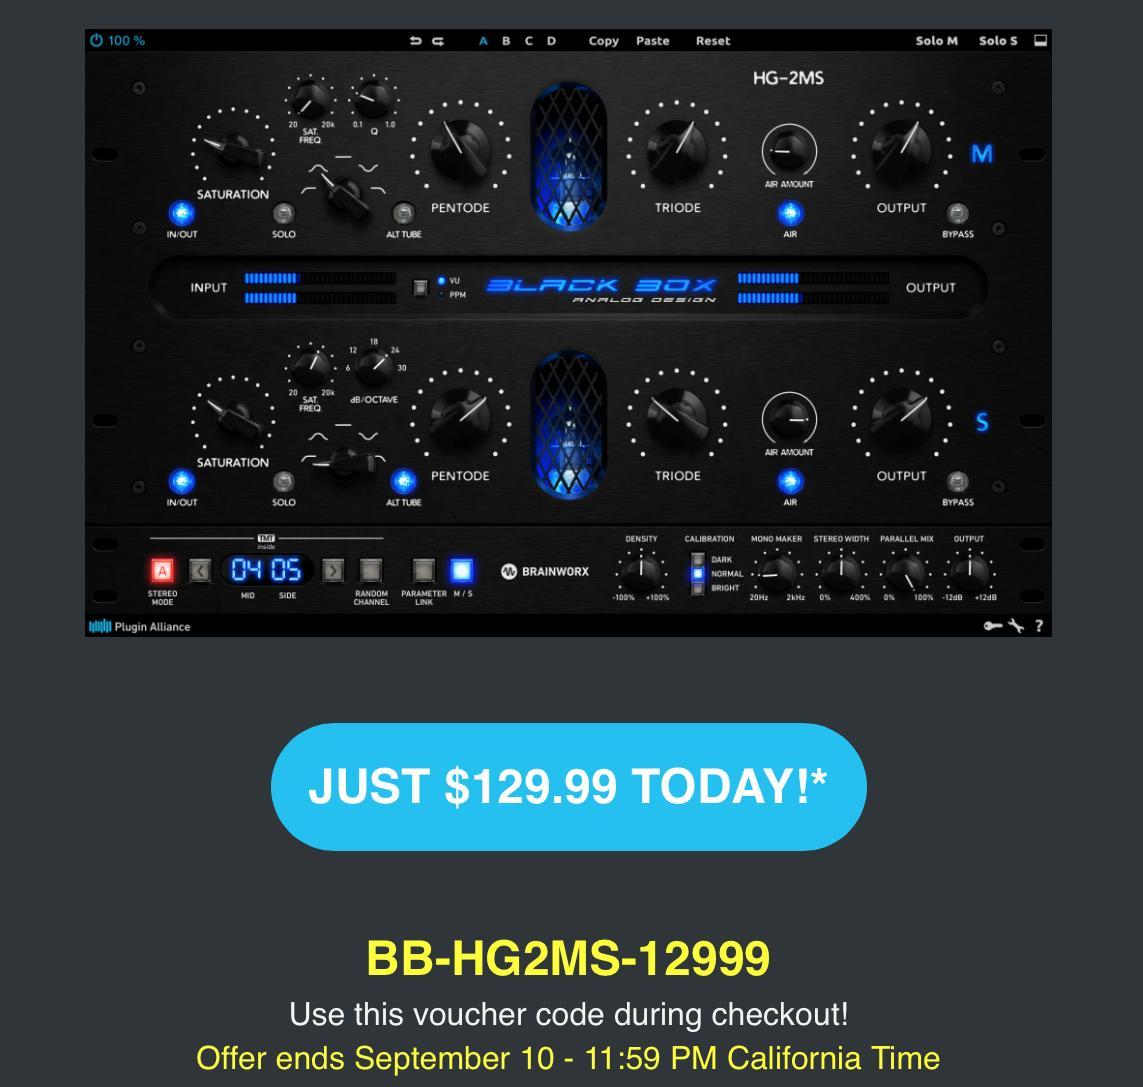 BB-HG2MS-12999.png.jpg